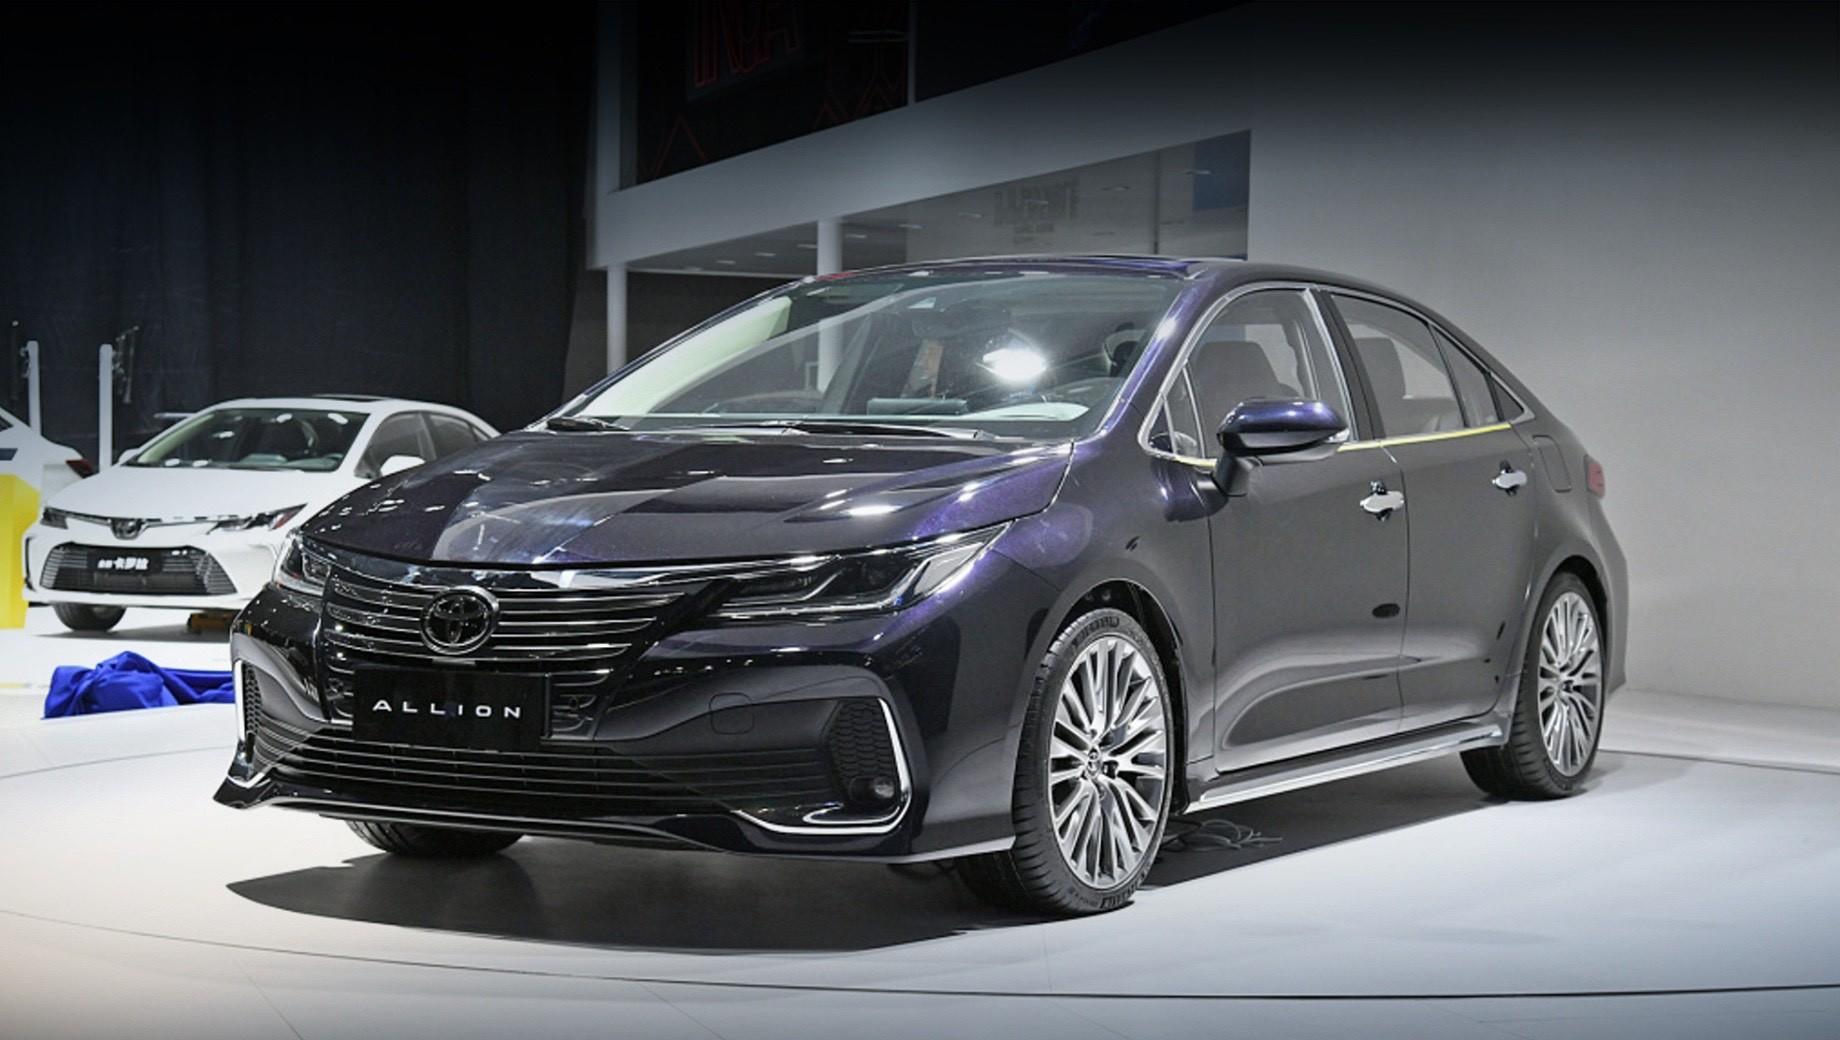 Toyota allion,Toyota corolla. Производством китайского седана Toyota Allion займётся совместное предприятие FAW Toyota, а первые машины доберутся до шоу-румов к концу 2020 года. Модель займёт место между обычной Короллой и Camry, за которые в Поднебесной просят 119 800 и 179 800 юаней соответственно (1,4 и 2,1 млн рублей).